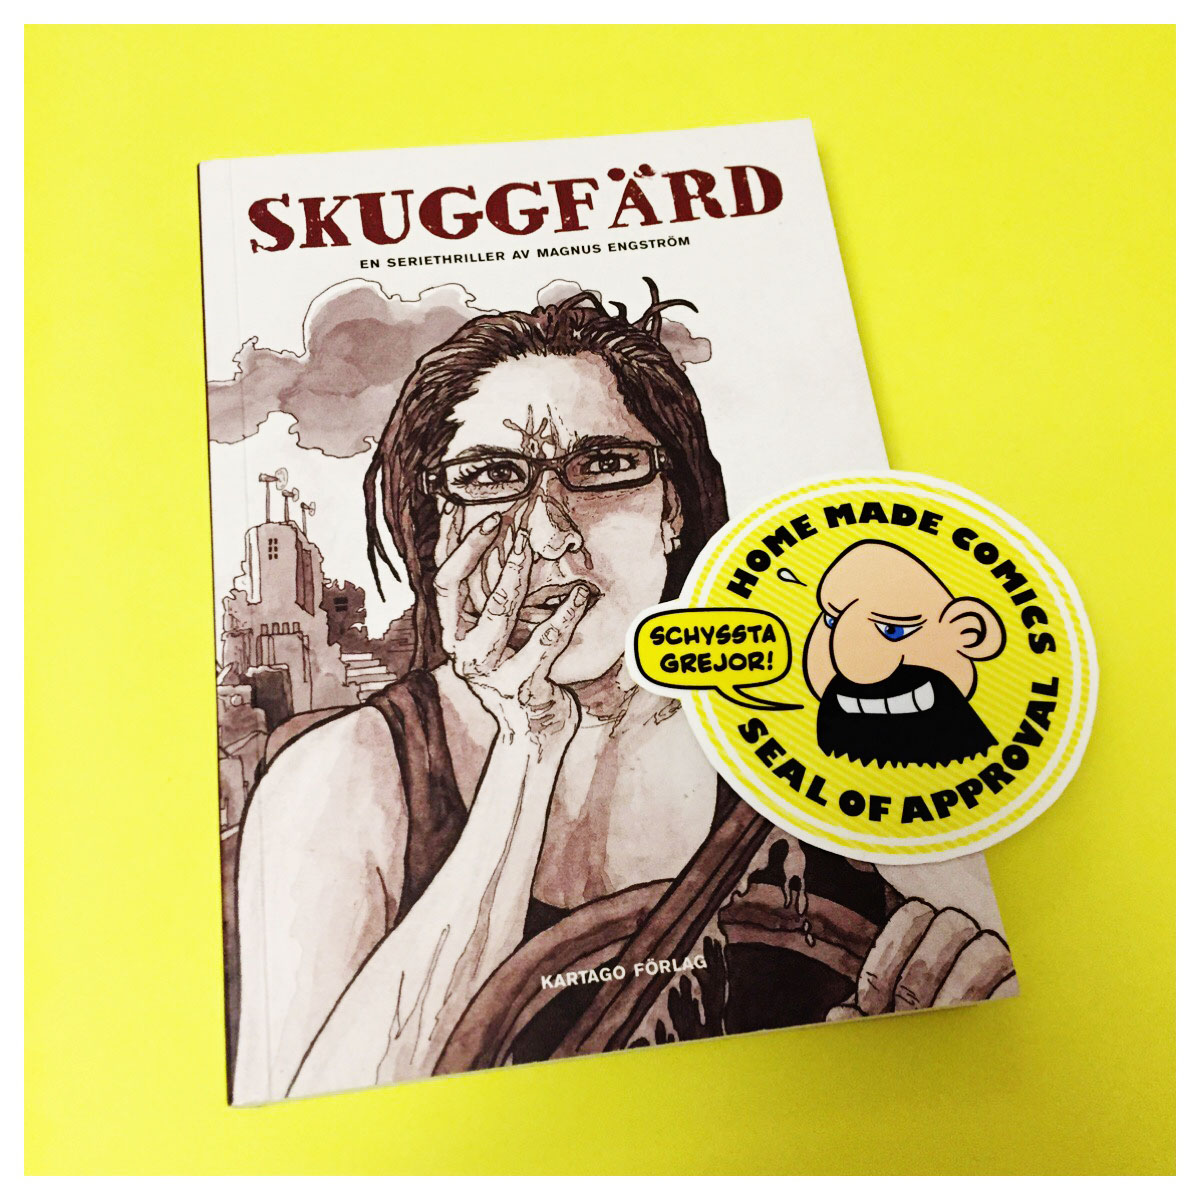 Home Made Comics Seal of Approval #186. Skuggfärd av Magnus Engström utgiven av Kartago 2017.